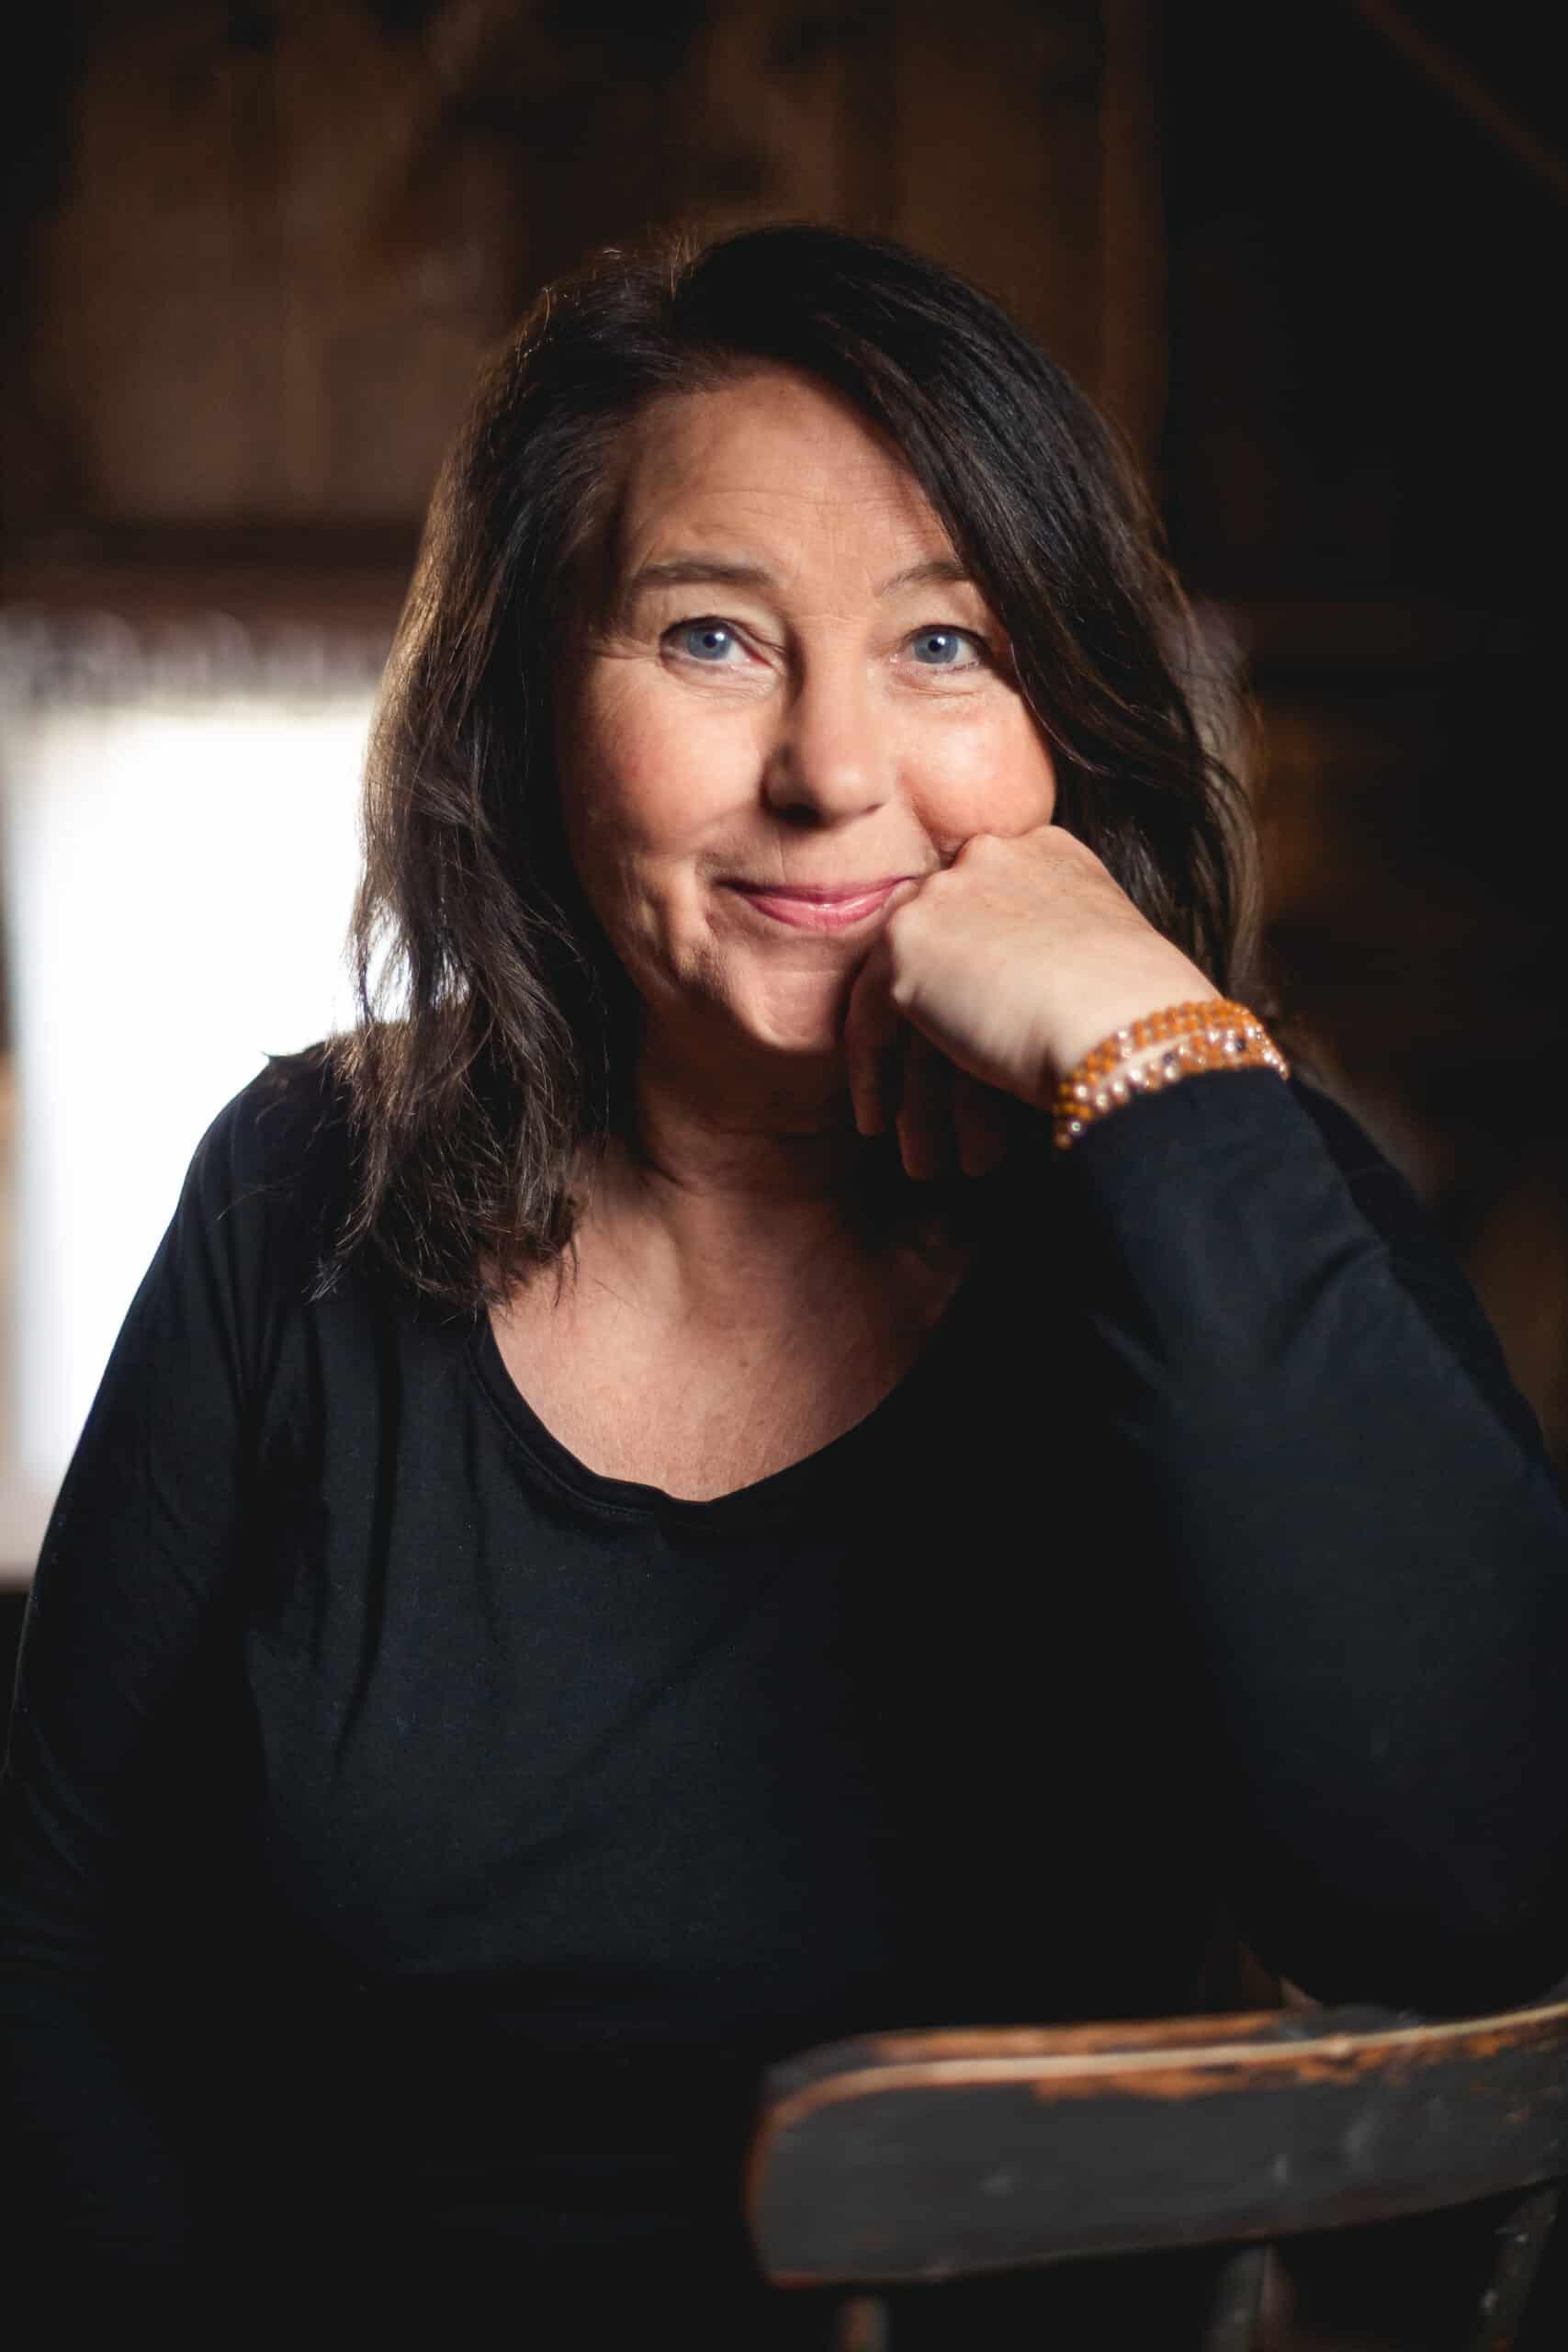 Maria Norgren photographerr Johan Bodin/Wizworks Studios